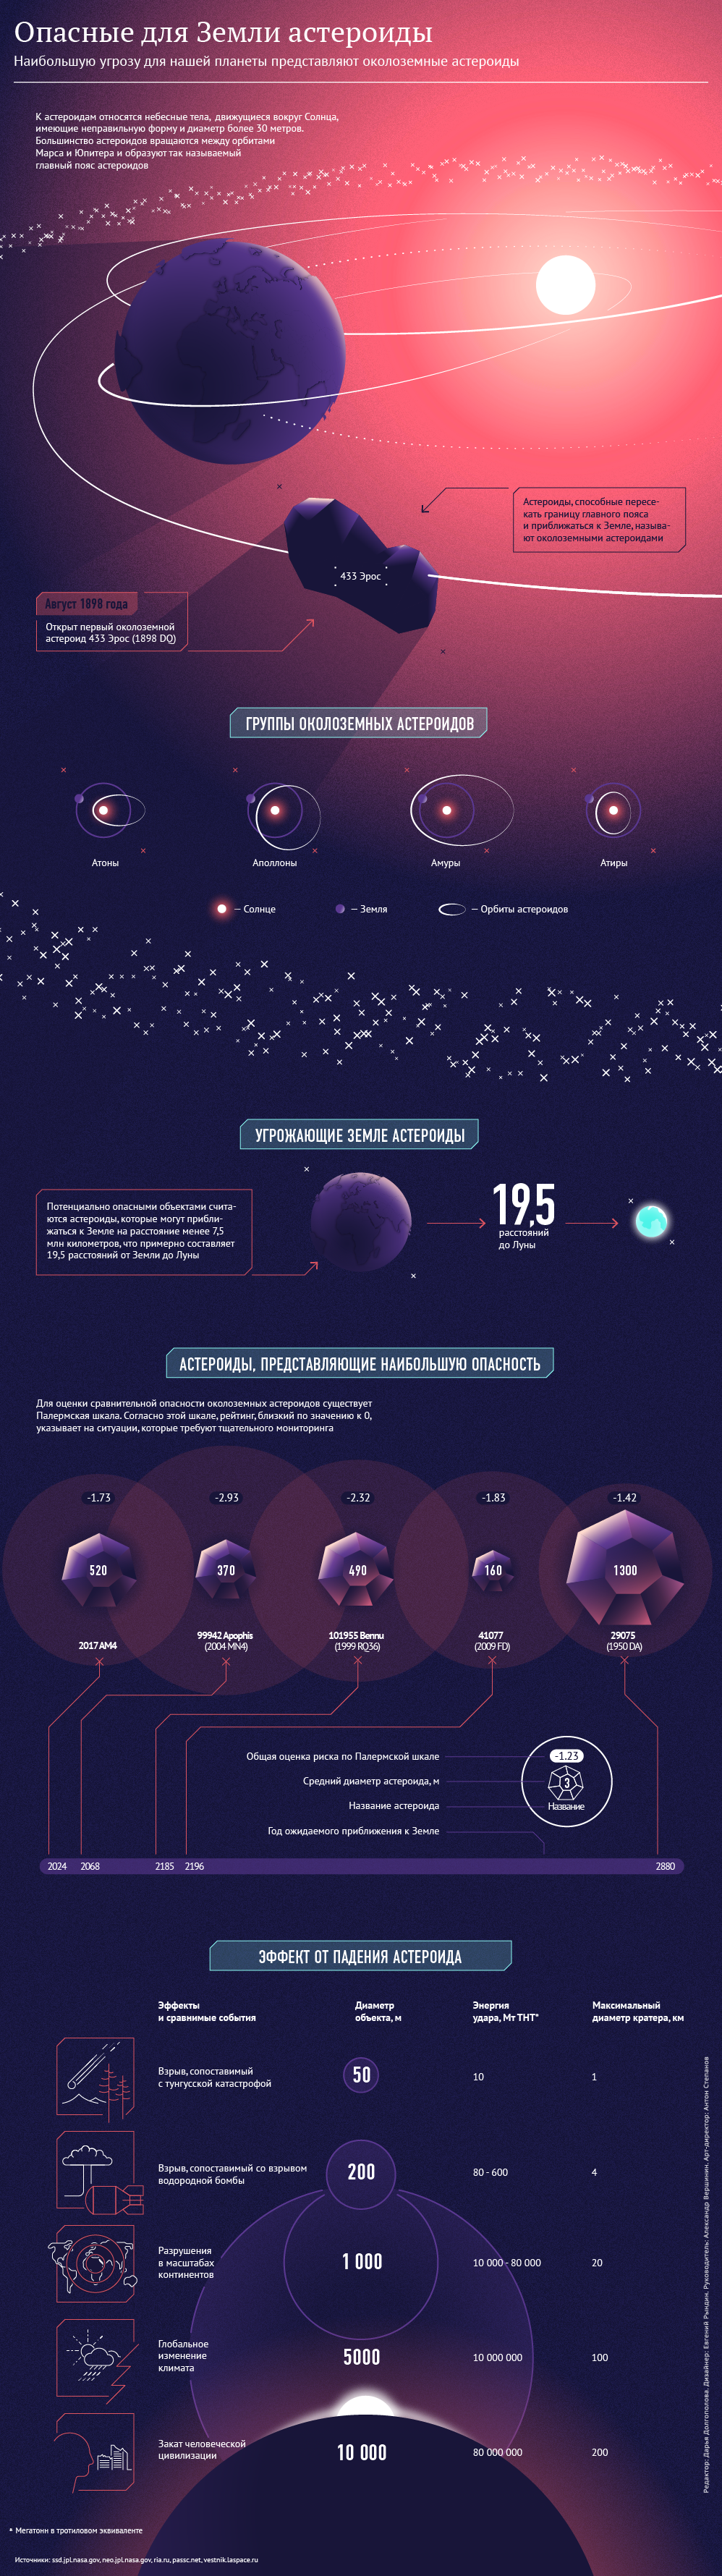 Опасные для Земли астероиды